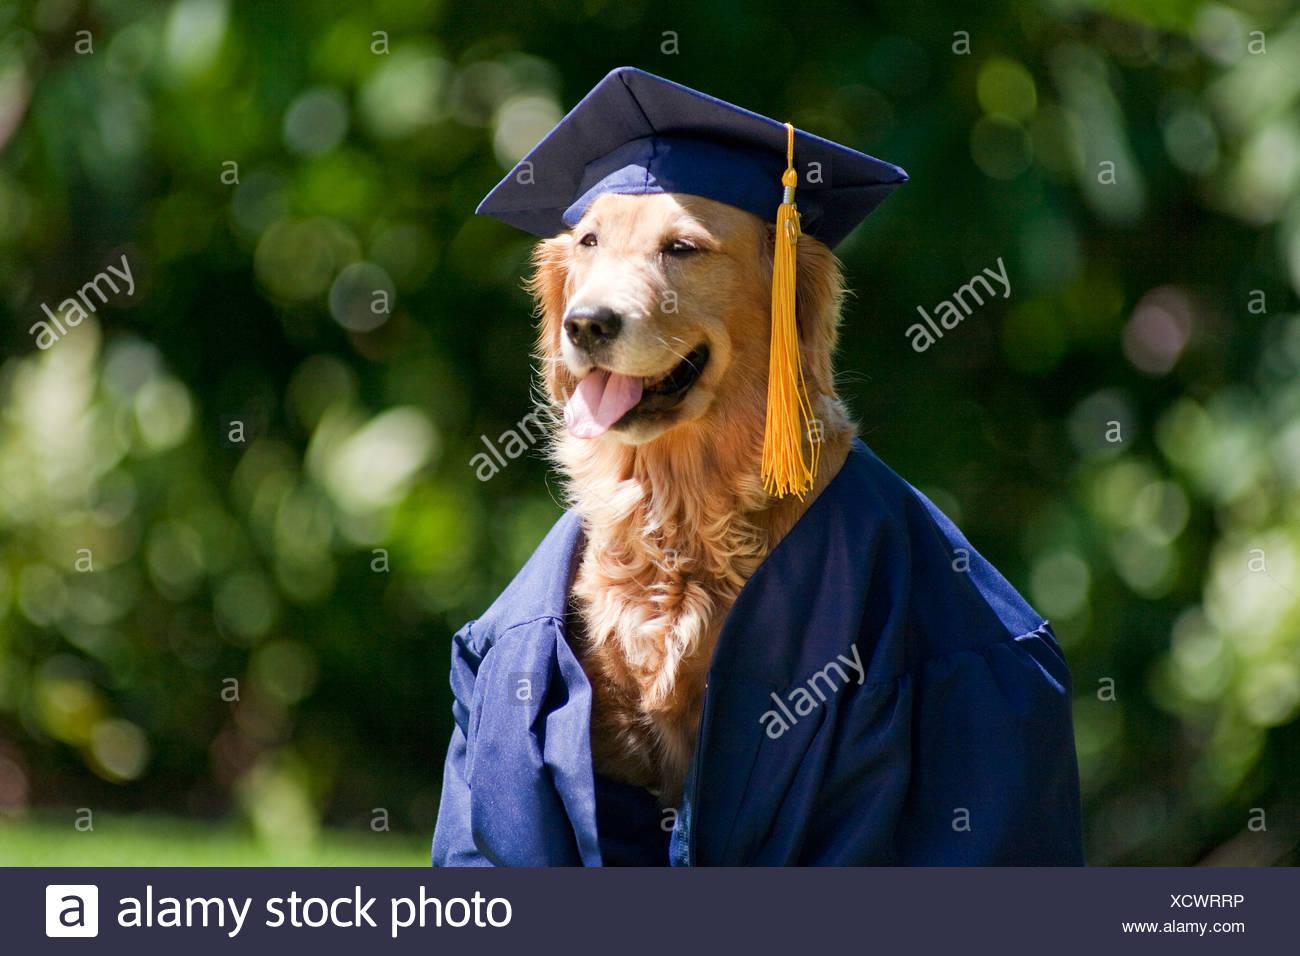 Golden Retriever Dog Graduation Cap Stock Photos & Golden Retriever ...